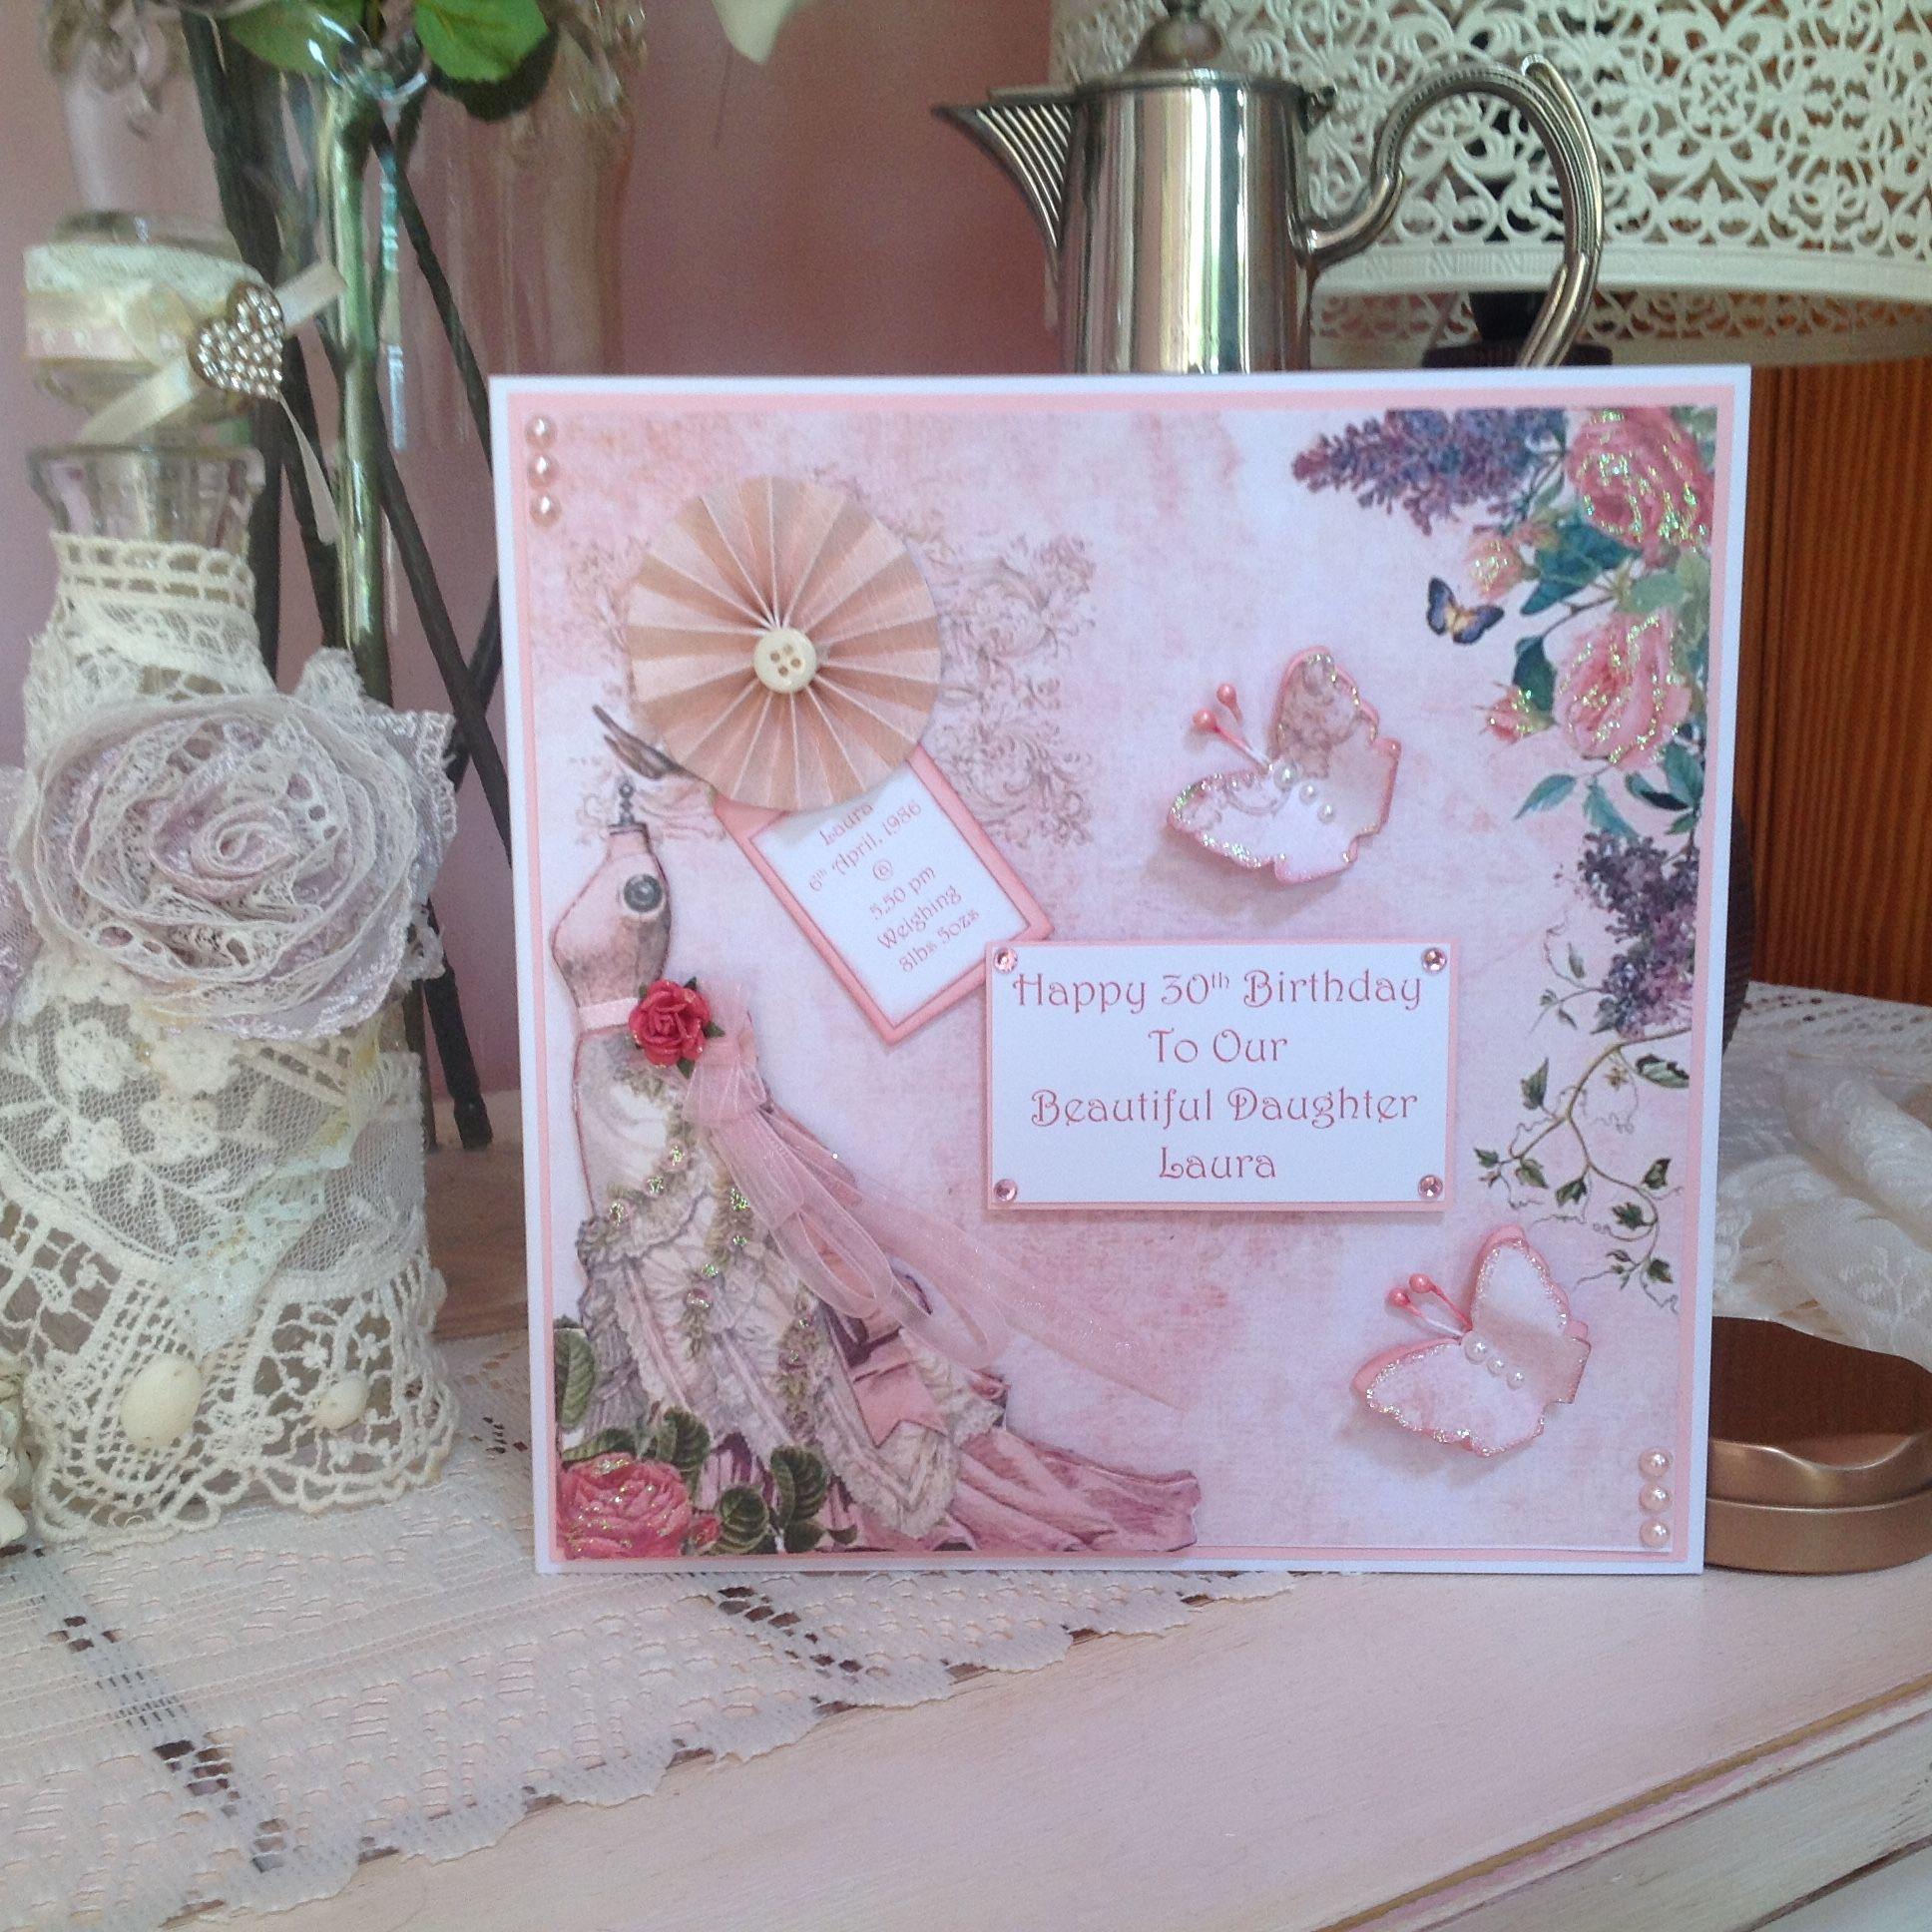 Birthday card handmade cards u box frames by edel shannon pinterest